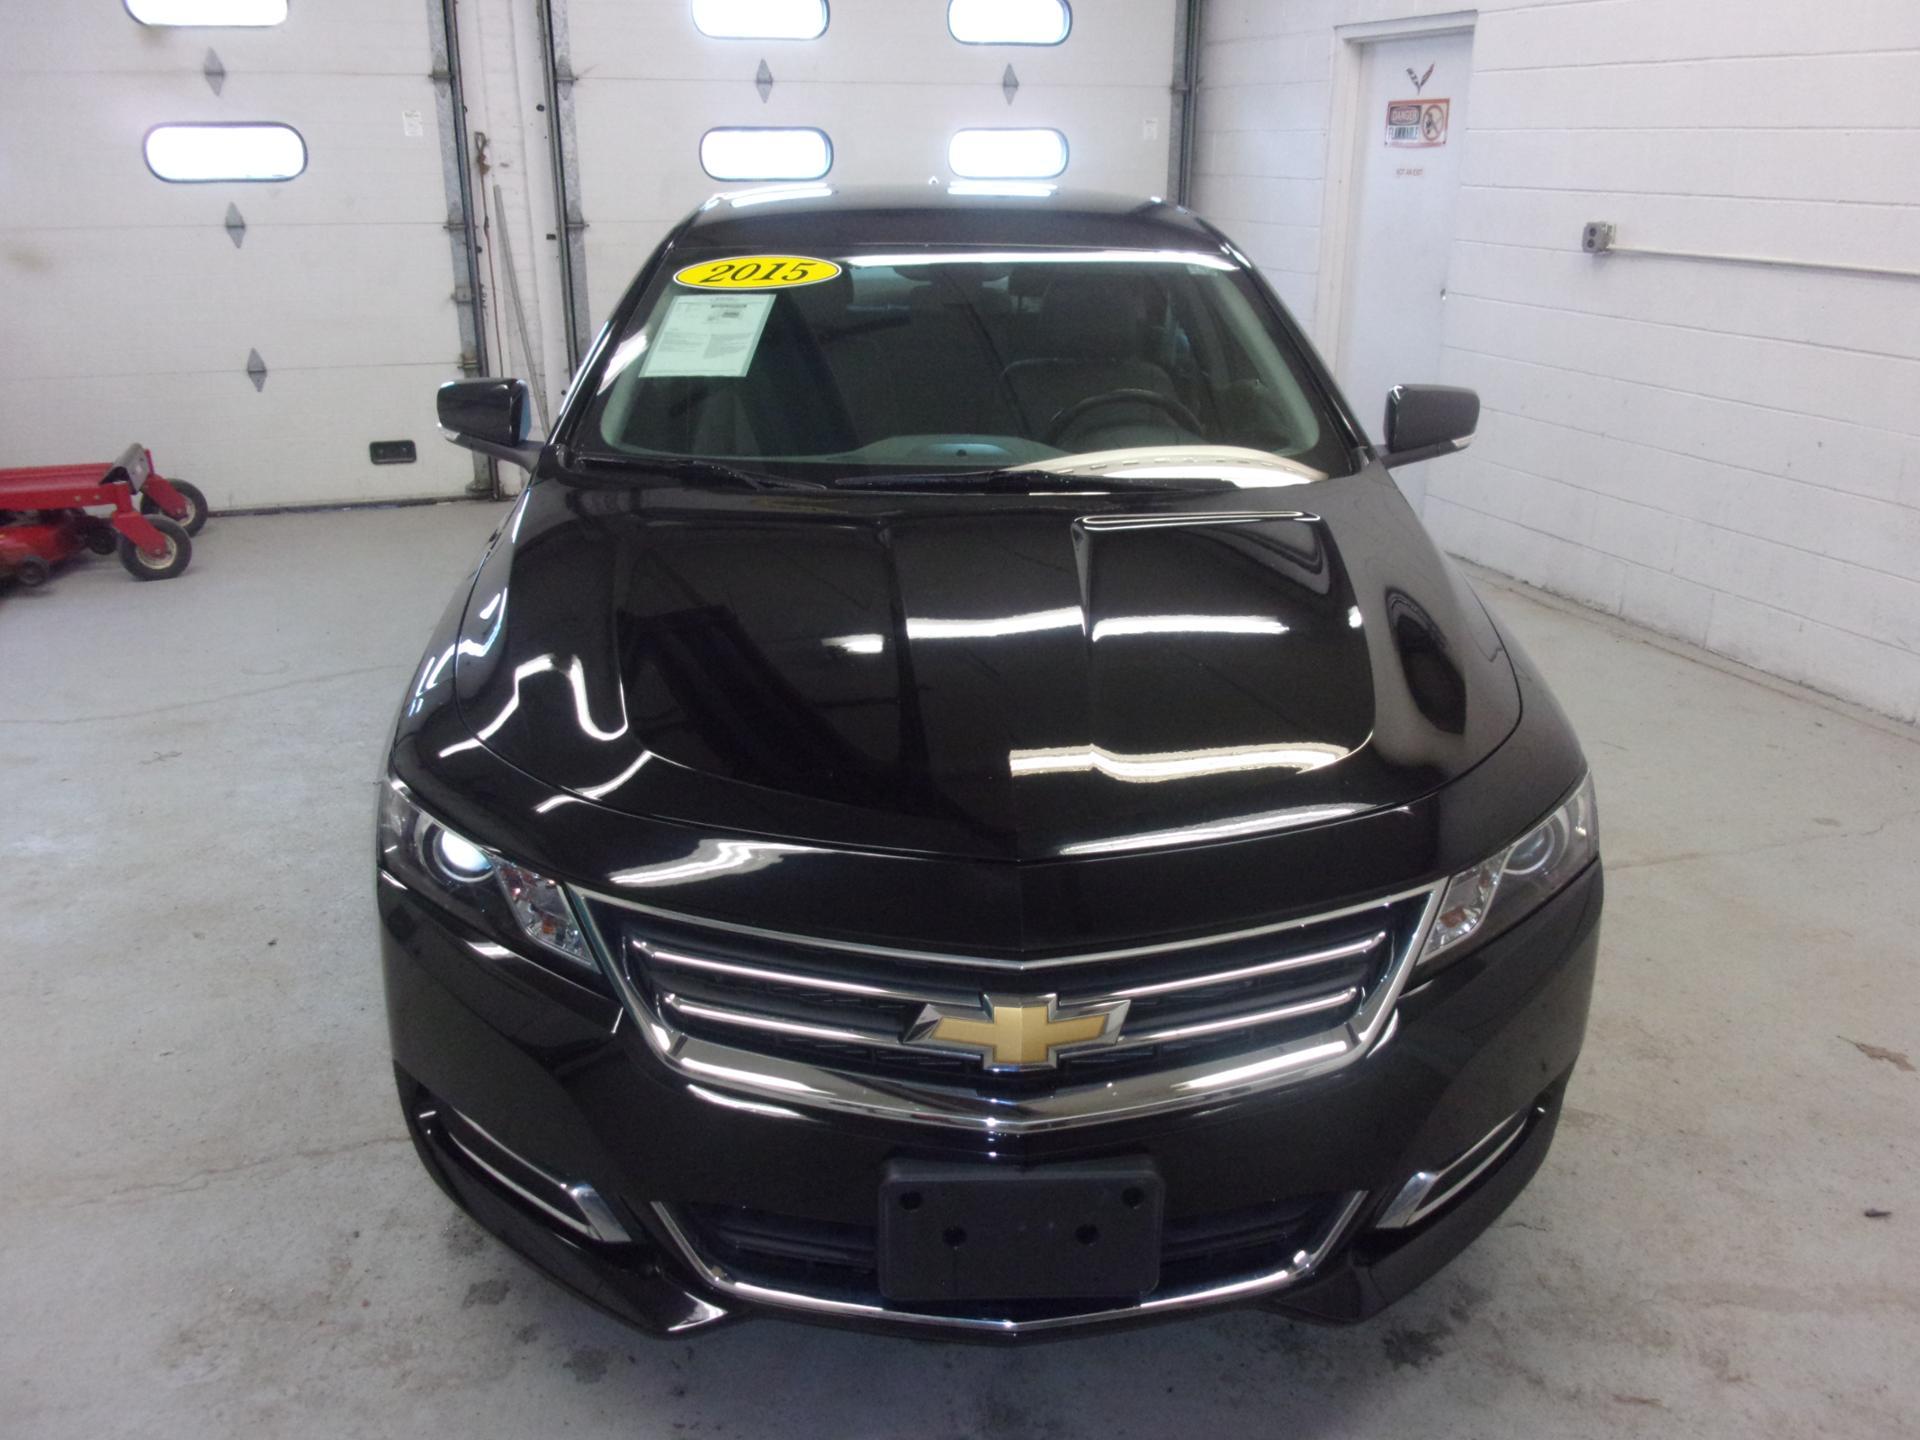 2015 Chevrolet Impala Vehicle Photo in Norwich, NY 13815